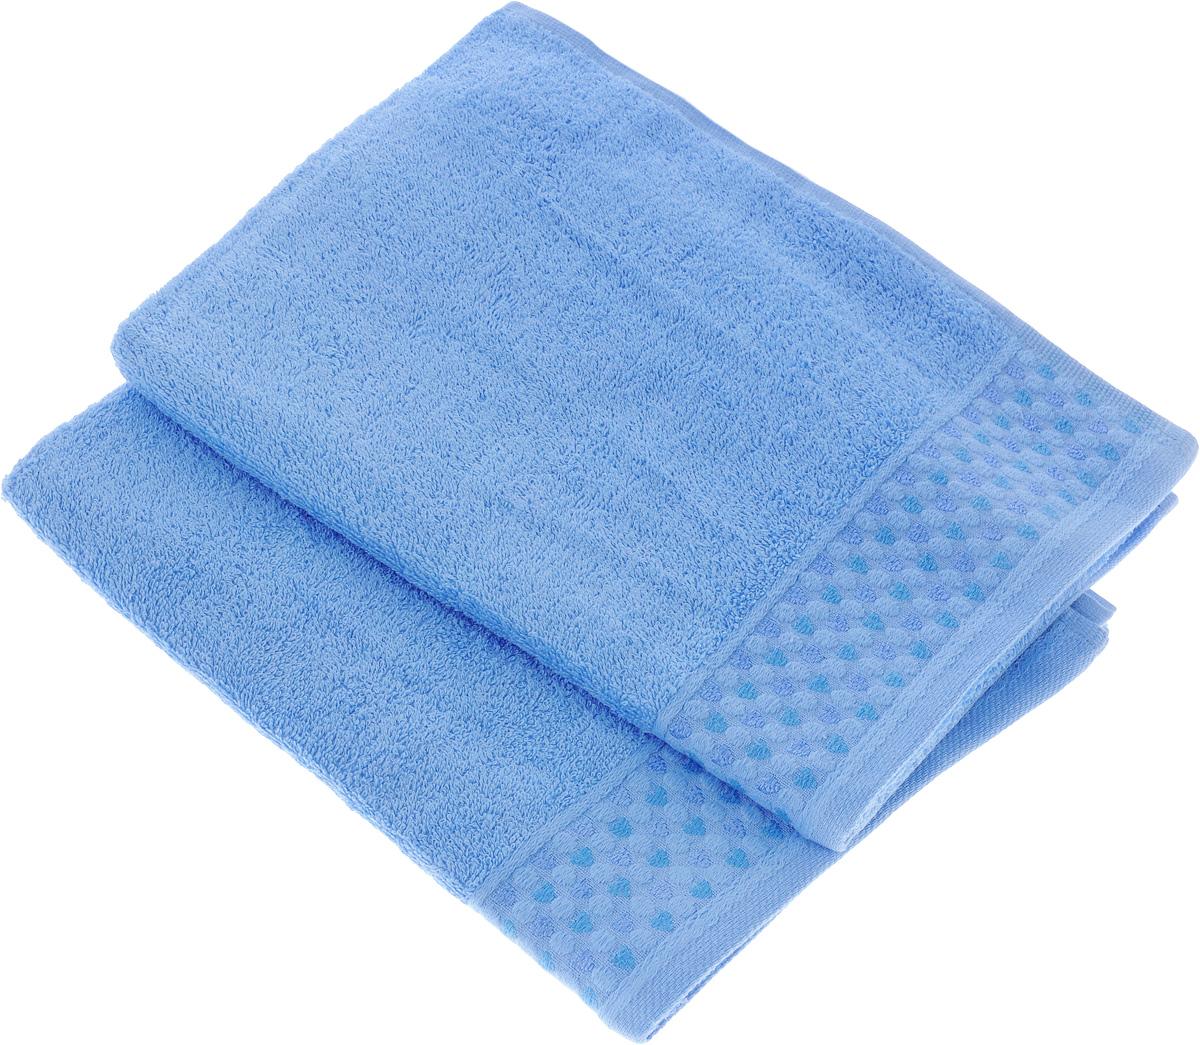 Набор полотенец Tete-a-Tete Сердечки, цвет: голубой, 50 х 90 см, 2 штУП-007-03-2Набор Tete-a-Tete Сердечки состоит из двух махровых полотенец, выполненных из натурального 100% хлопка. Бордюр полотенец декорирован сердечками и горошком. Изделия мягкие, отлично впитывают влагу, быстро сохнут, сохраняют яркость цвета и не теряют форму даже после многократных стирок. Полотенца Tete-a-Tete Сердечки очень практичны и неприхотливы в уходе. Они легко впишутся в любой интерьер благодаря своей нежной цветовой гамме.